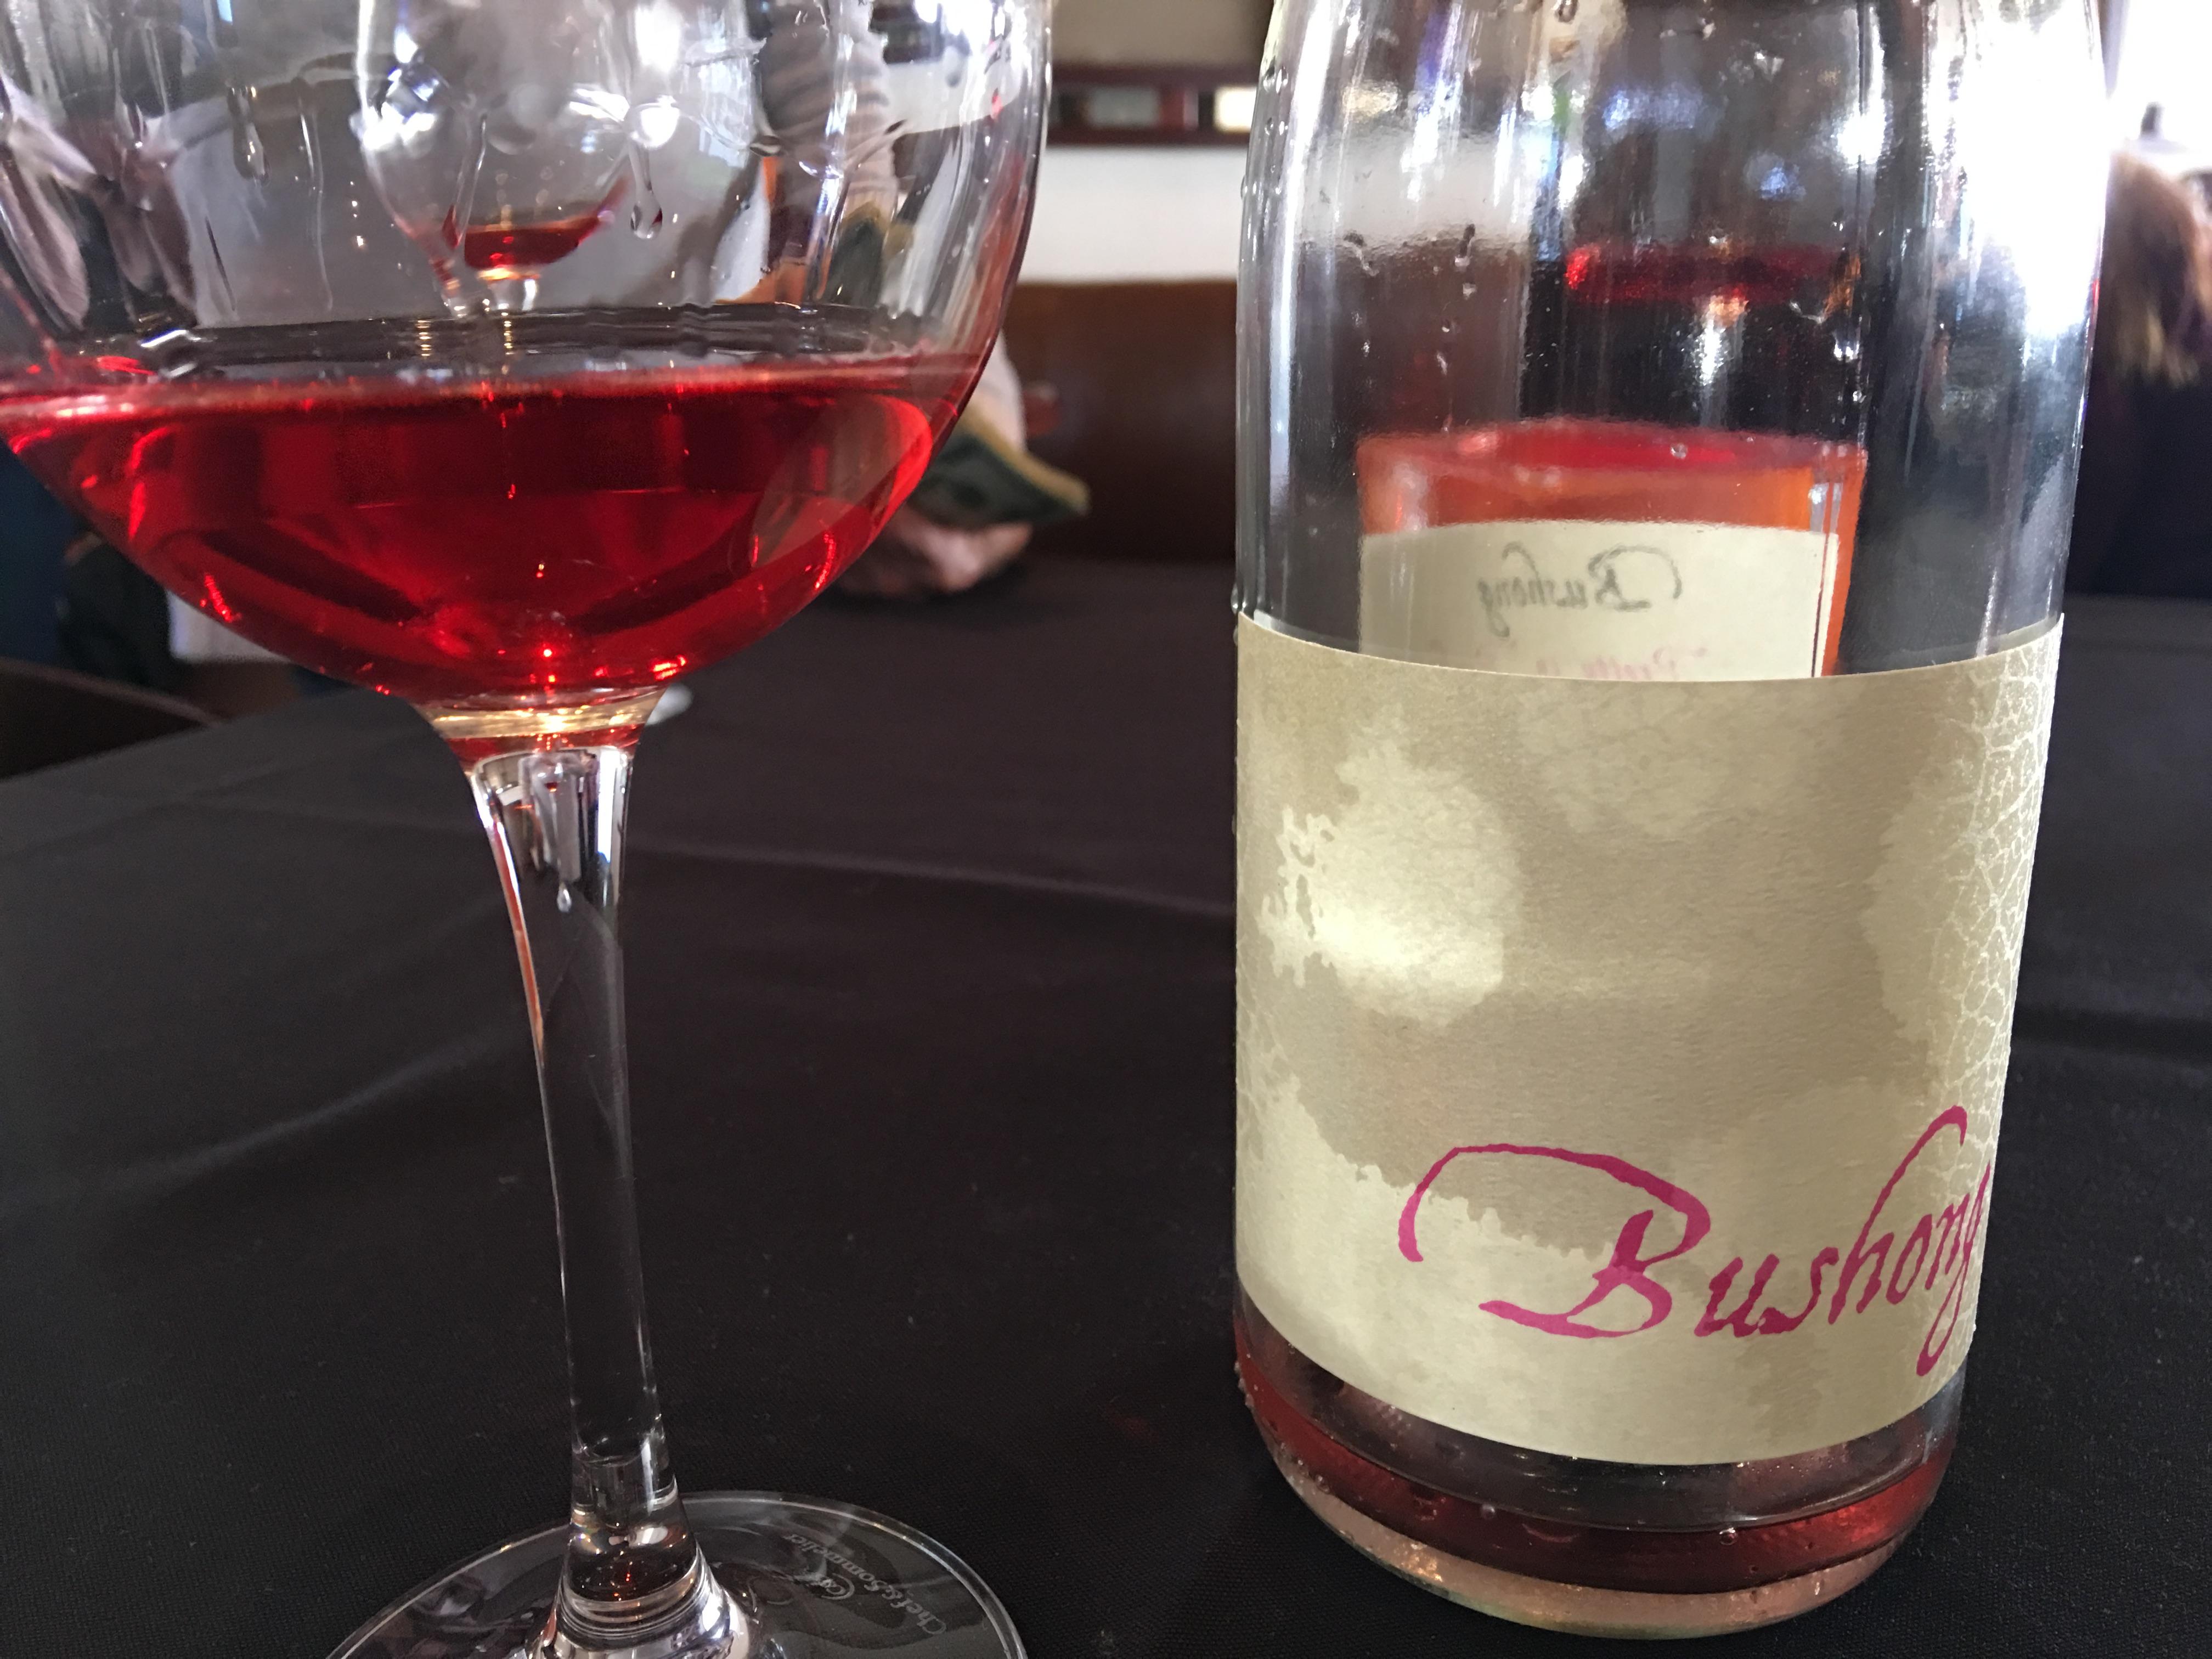 Bushong Vintage Co Rosé